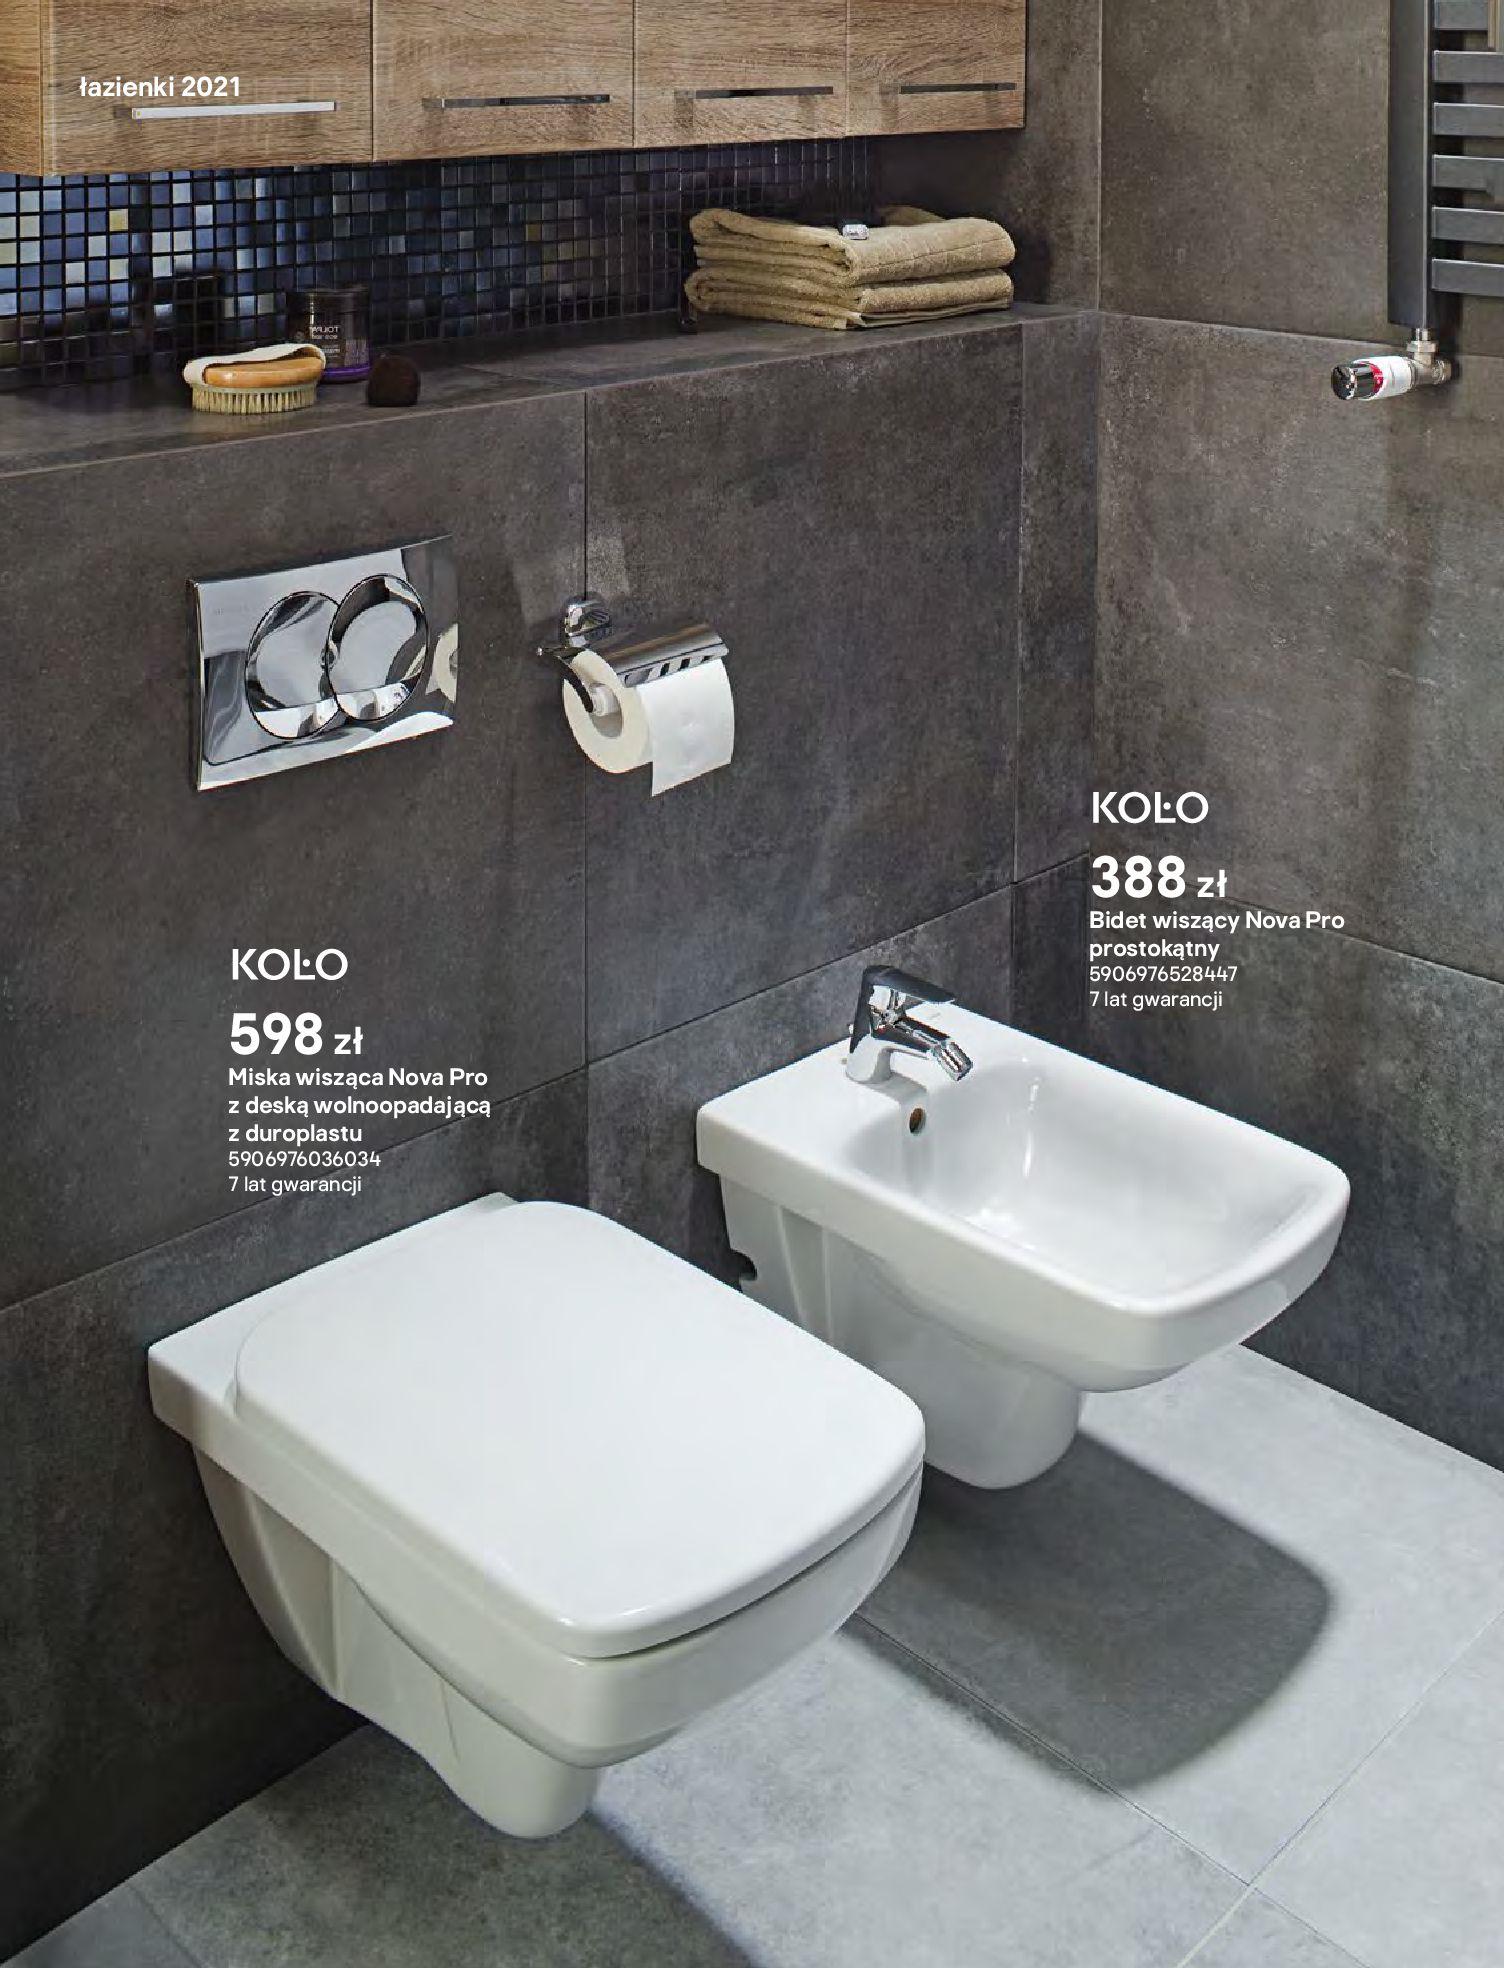 Gazetka Castorama: Gazetka Castorama - katalog łazienki 2021 2021-06-16 page-166